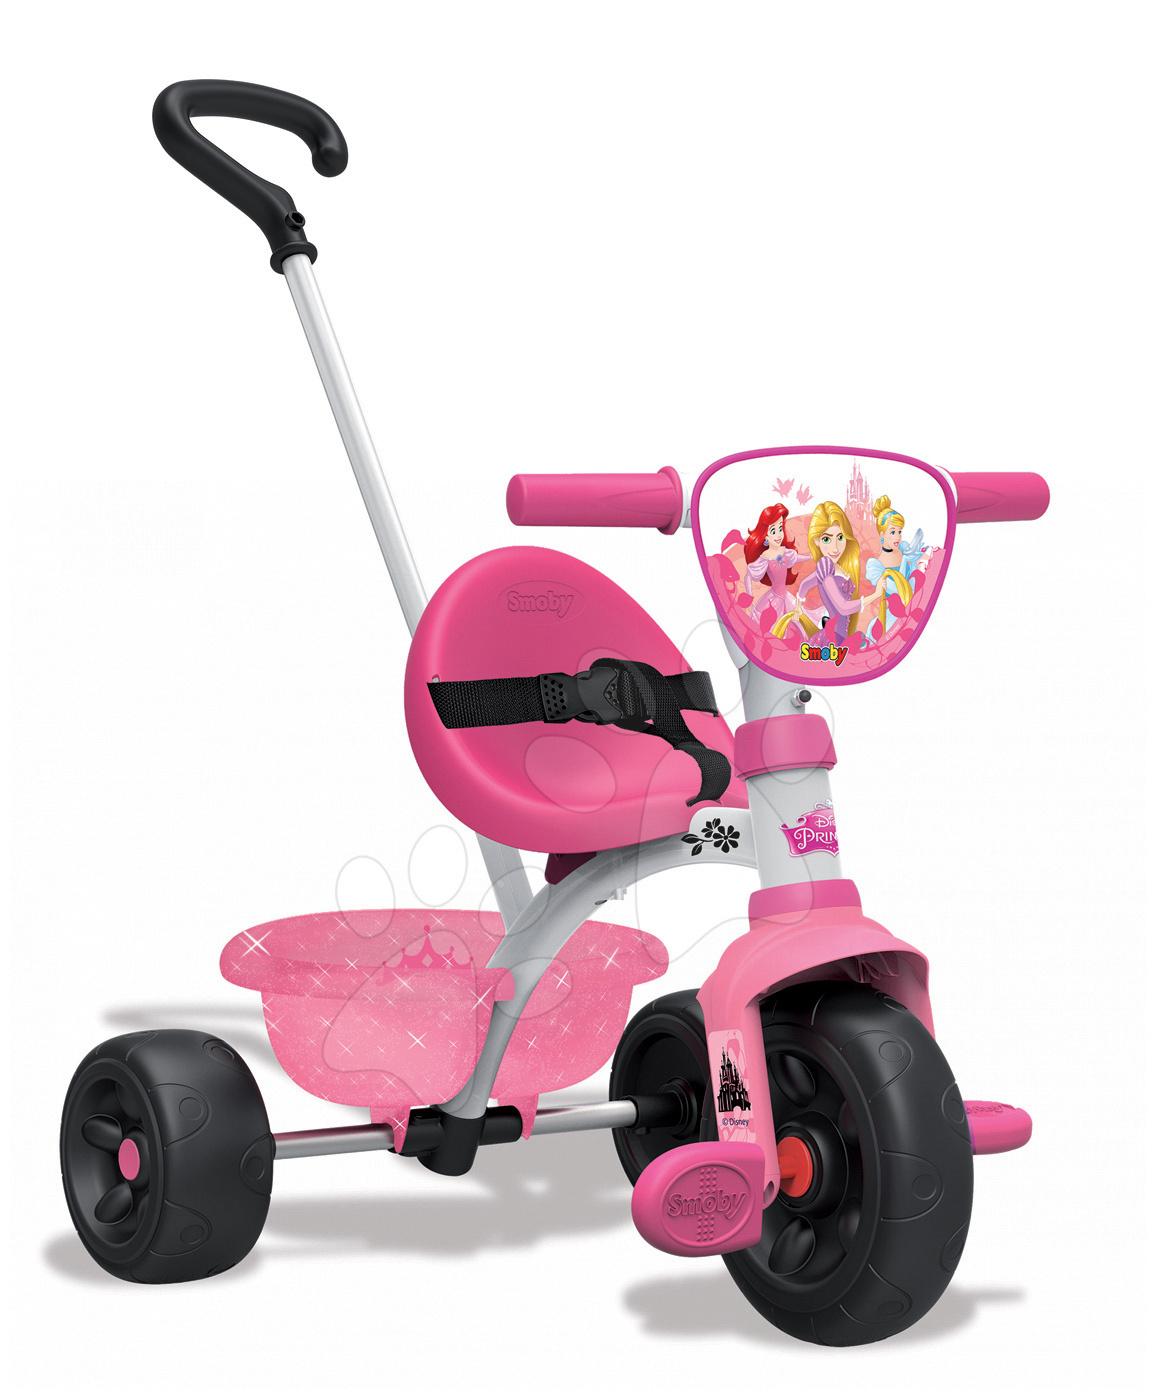 Tricikli za djecu od 15 mjeseci - Tricikl Disney Princeze Be Move Smoby s vodilicom od 15 mjeseci